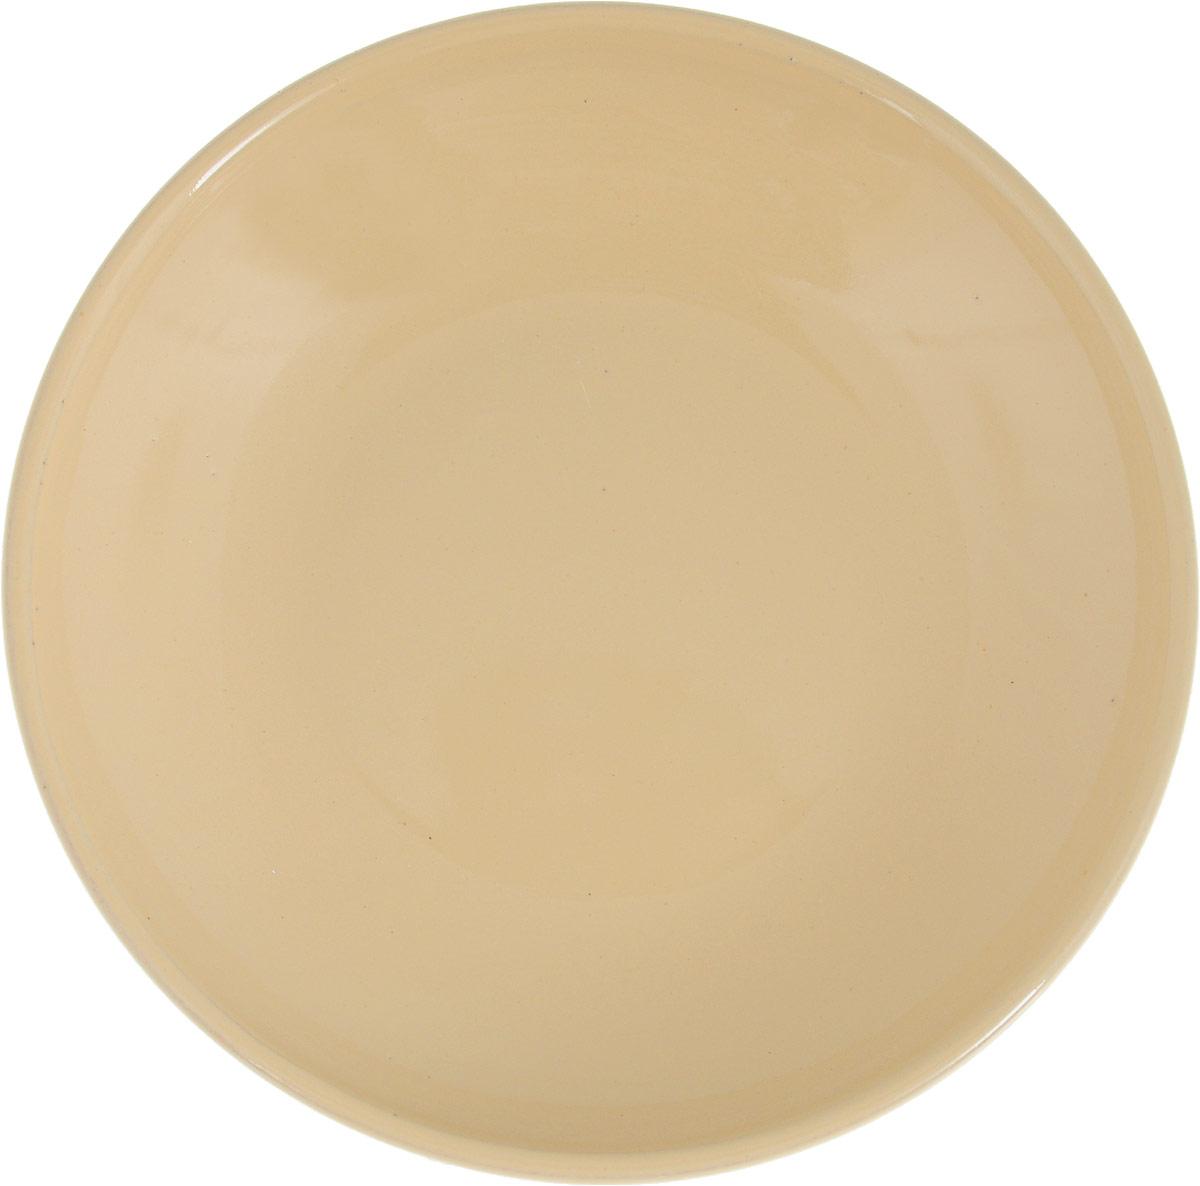 Блюдце Борисовская керамика Радуга, цвет: бежевый, диаметр 10 смРАД14458109_бежевыйБлюдце Борисовская керамика Радуга, изготовленное из высококачественной керамики, предназначено для красивой подачи различных блюд. Такое блюдце украсит сервировку стола и подчеркнет прекрасный вкус хозяйки. Можно мыть в посудомоечной машине и использовать в микроволновой печи.